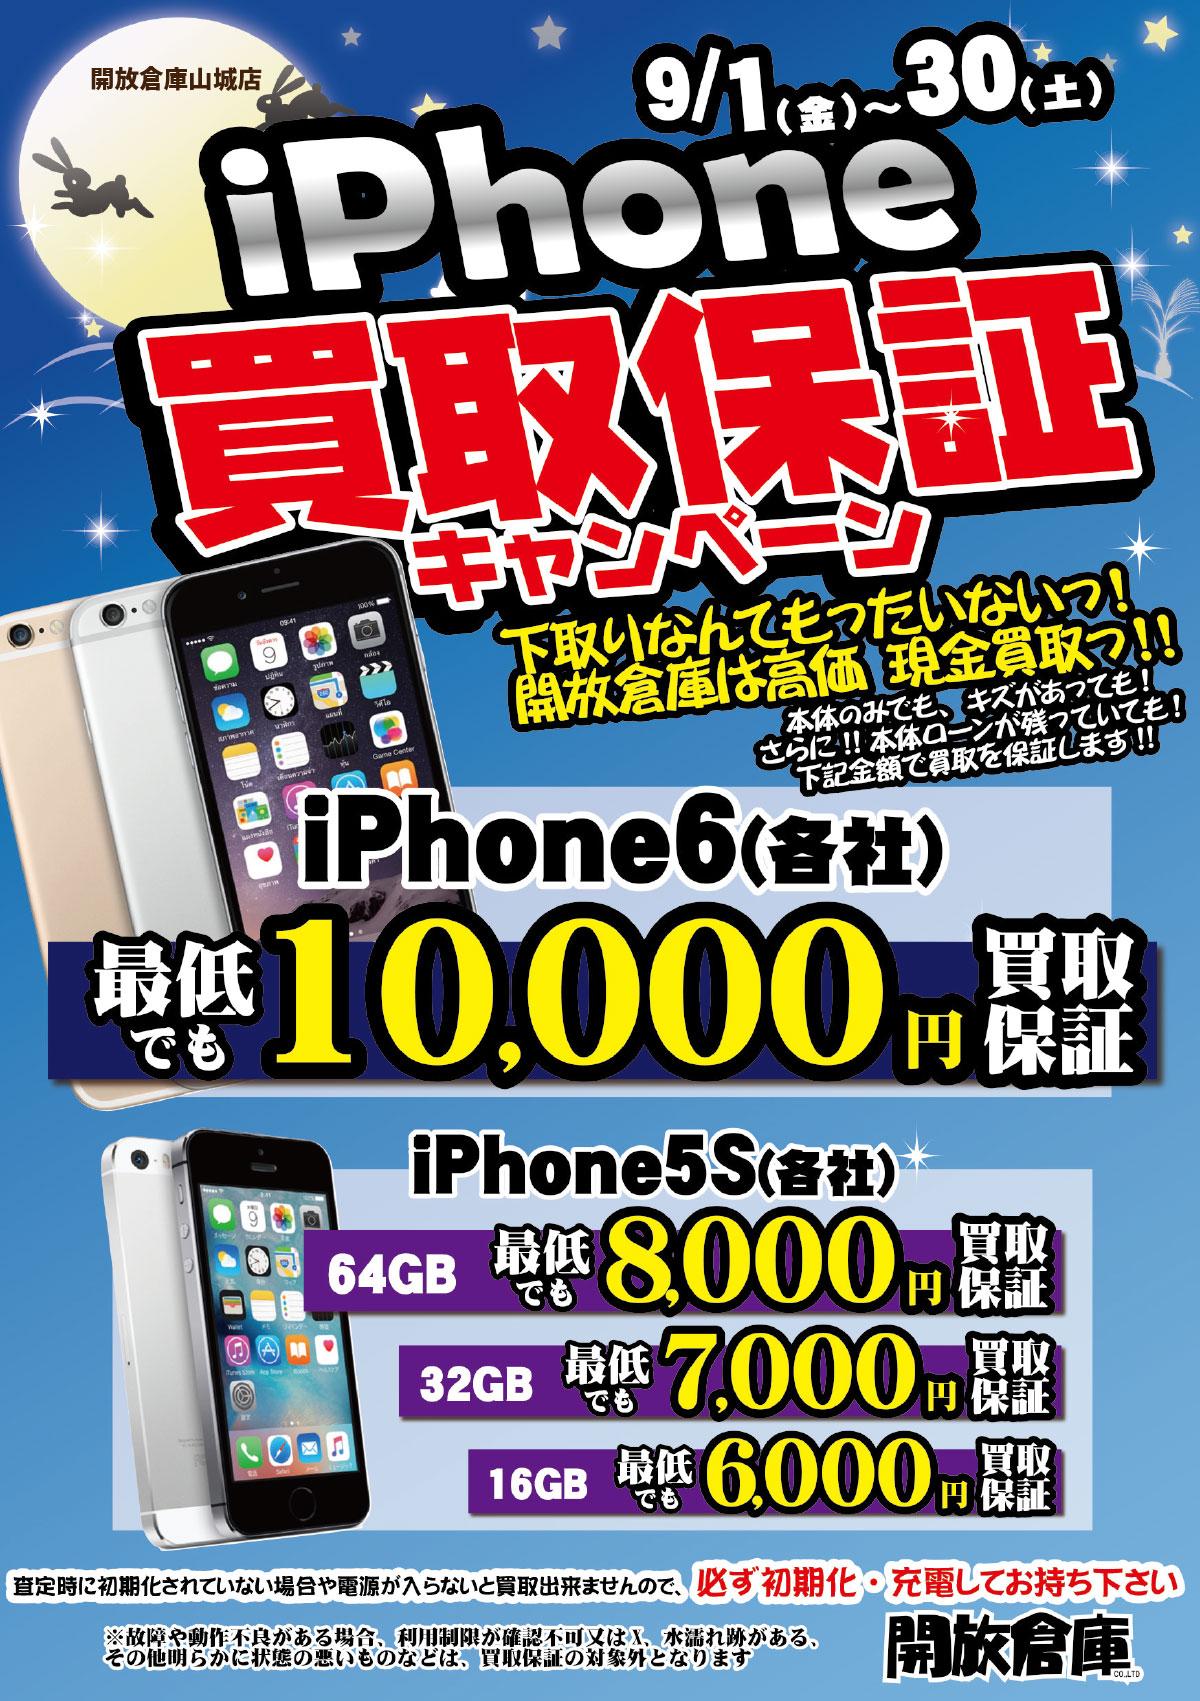 「開放倉庫山城店」iPhone買取保証キャンペーン<9/1金~30土>各キャリアiPhone6最低10,000円買取保証!iPhone5sも!